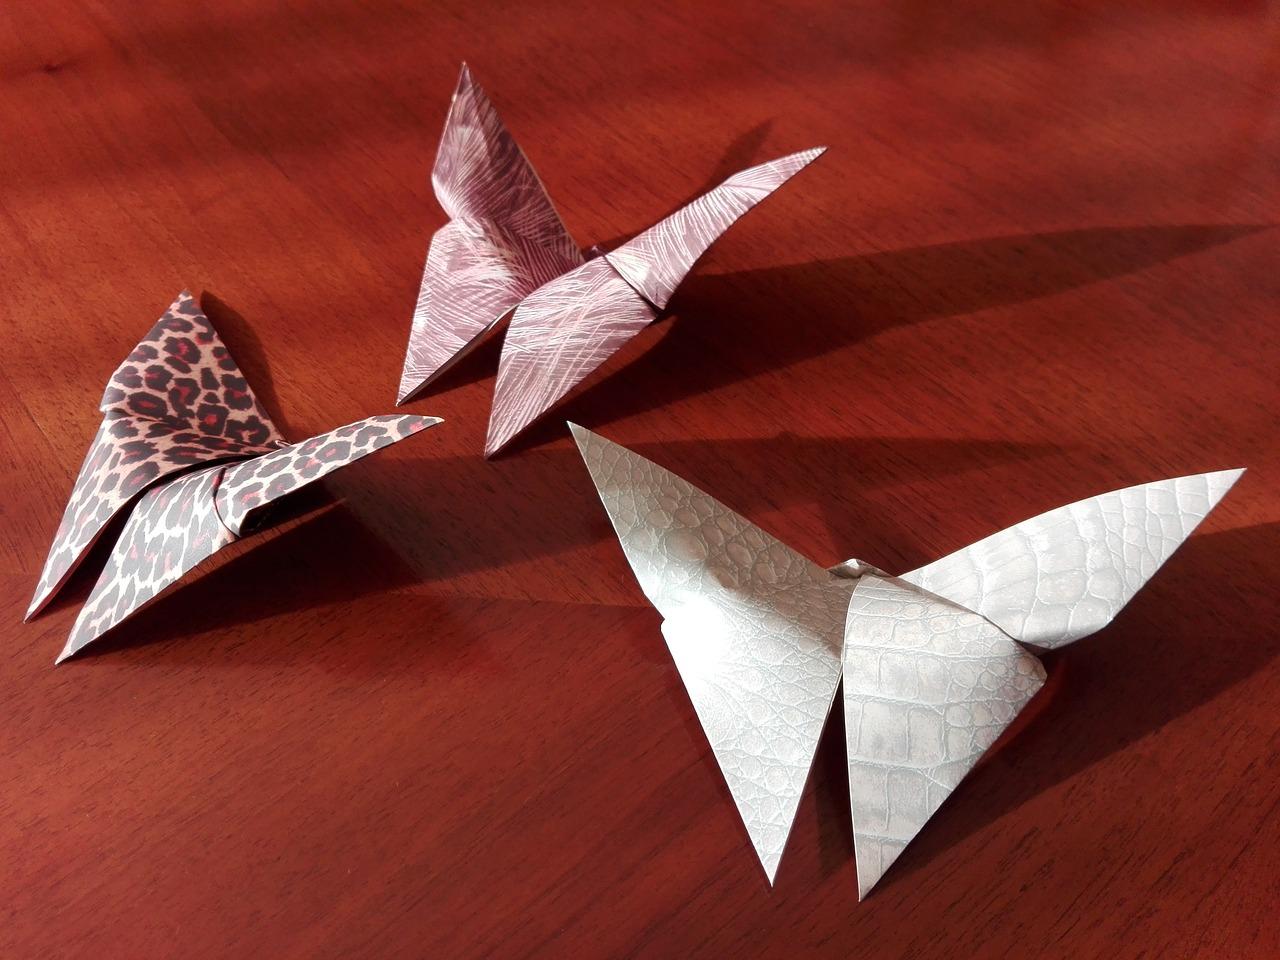 традиционное оригами фото метро комсомольской